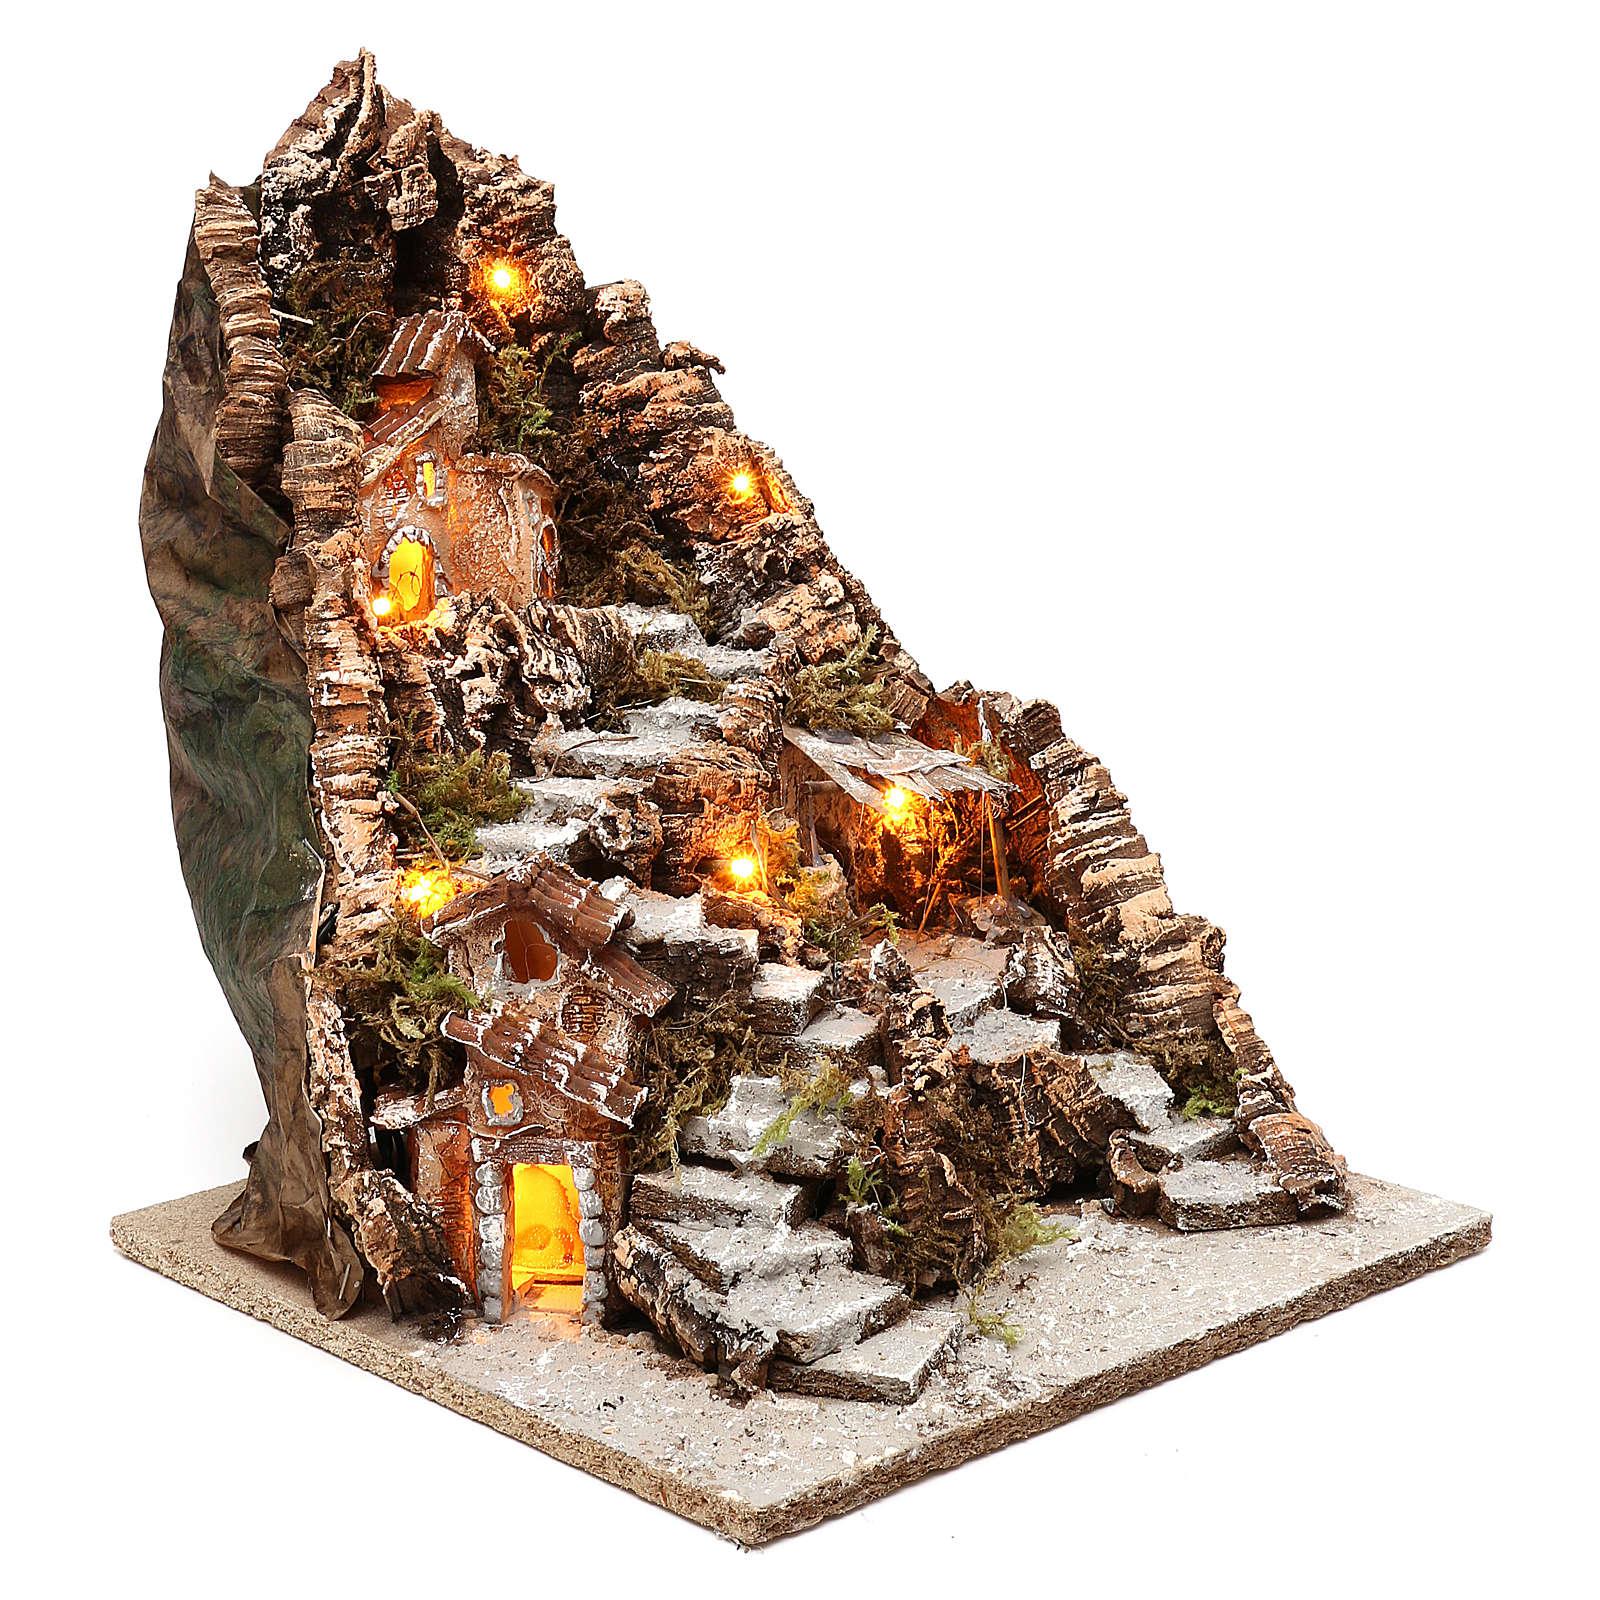 Borgo incavato in una montagna 35x30x40 cm illuminato presepe napoletano 4 cm 4